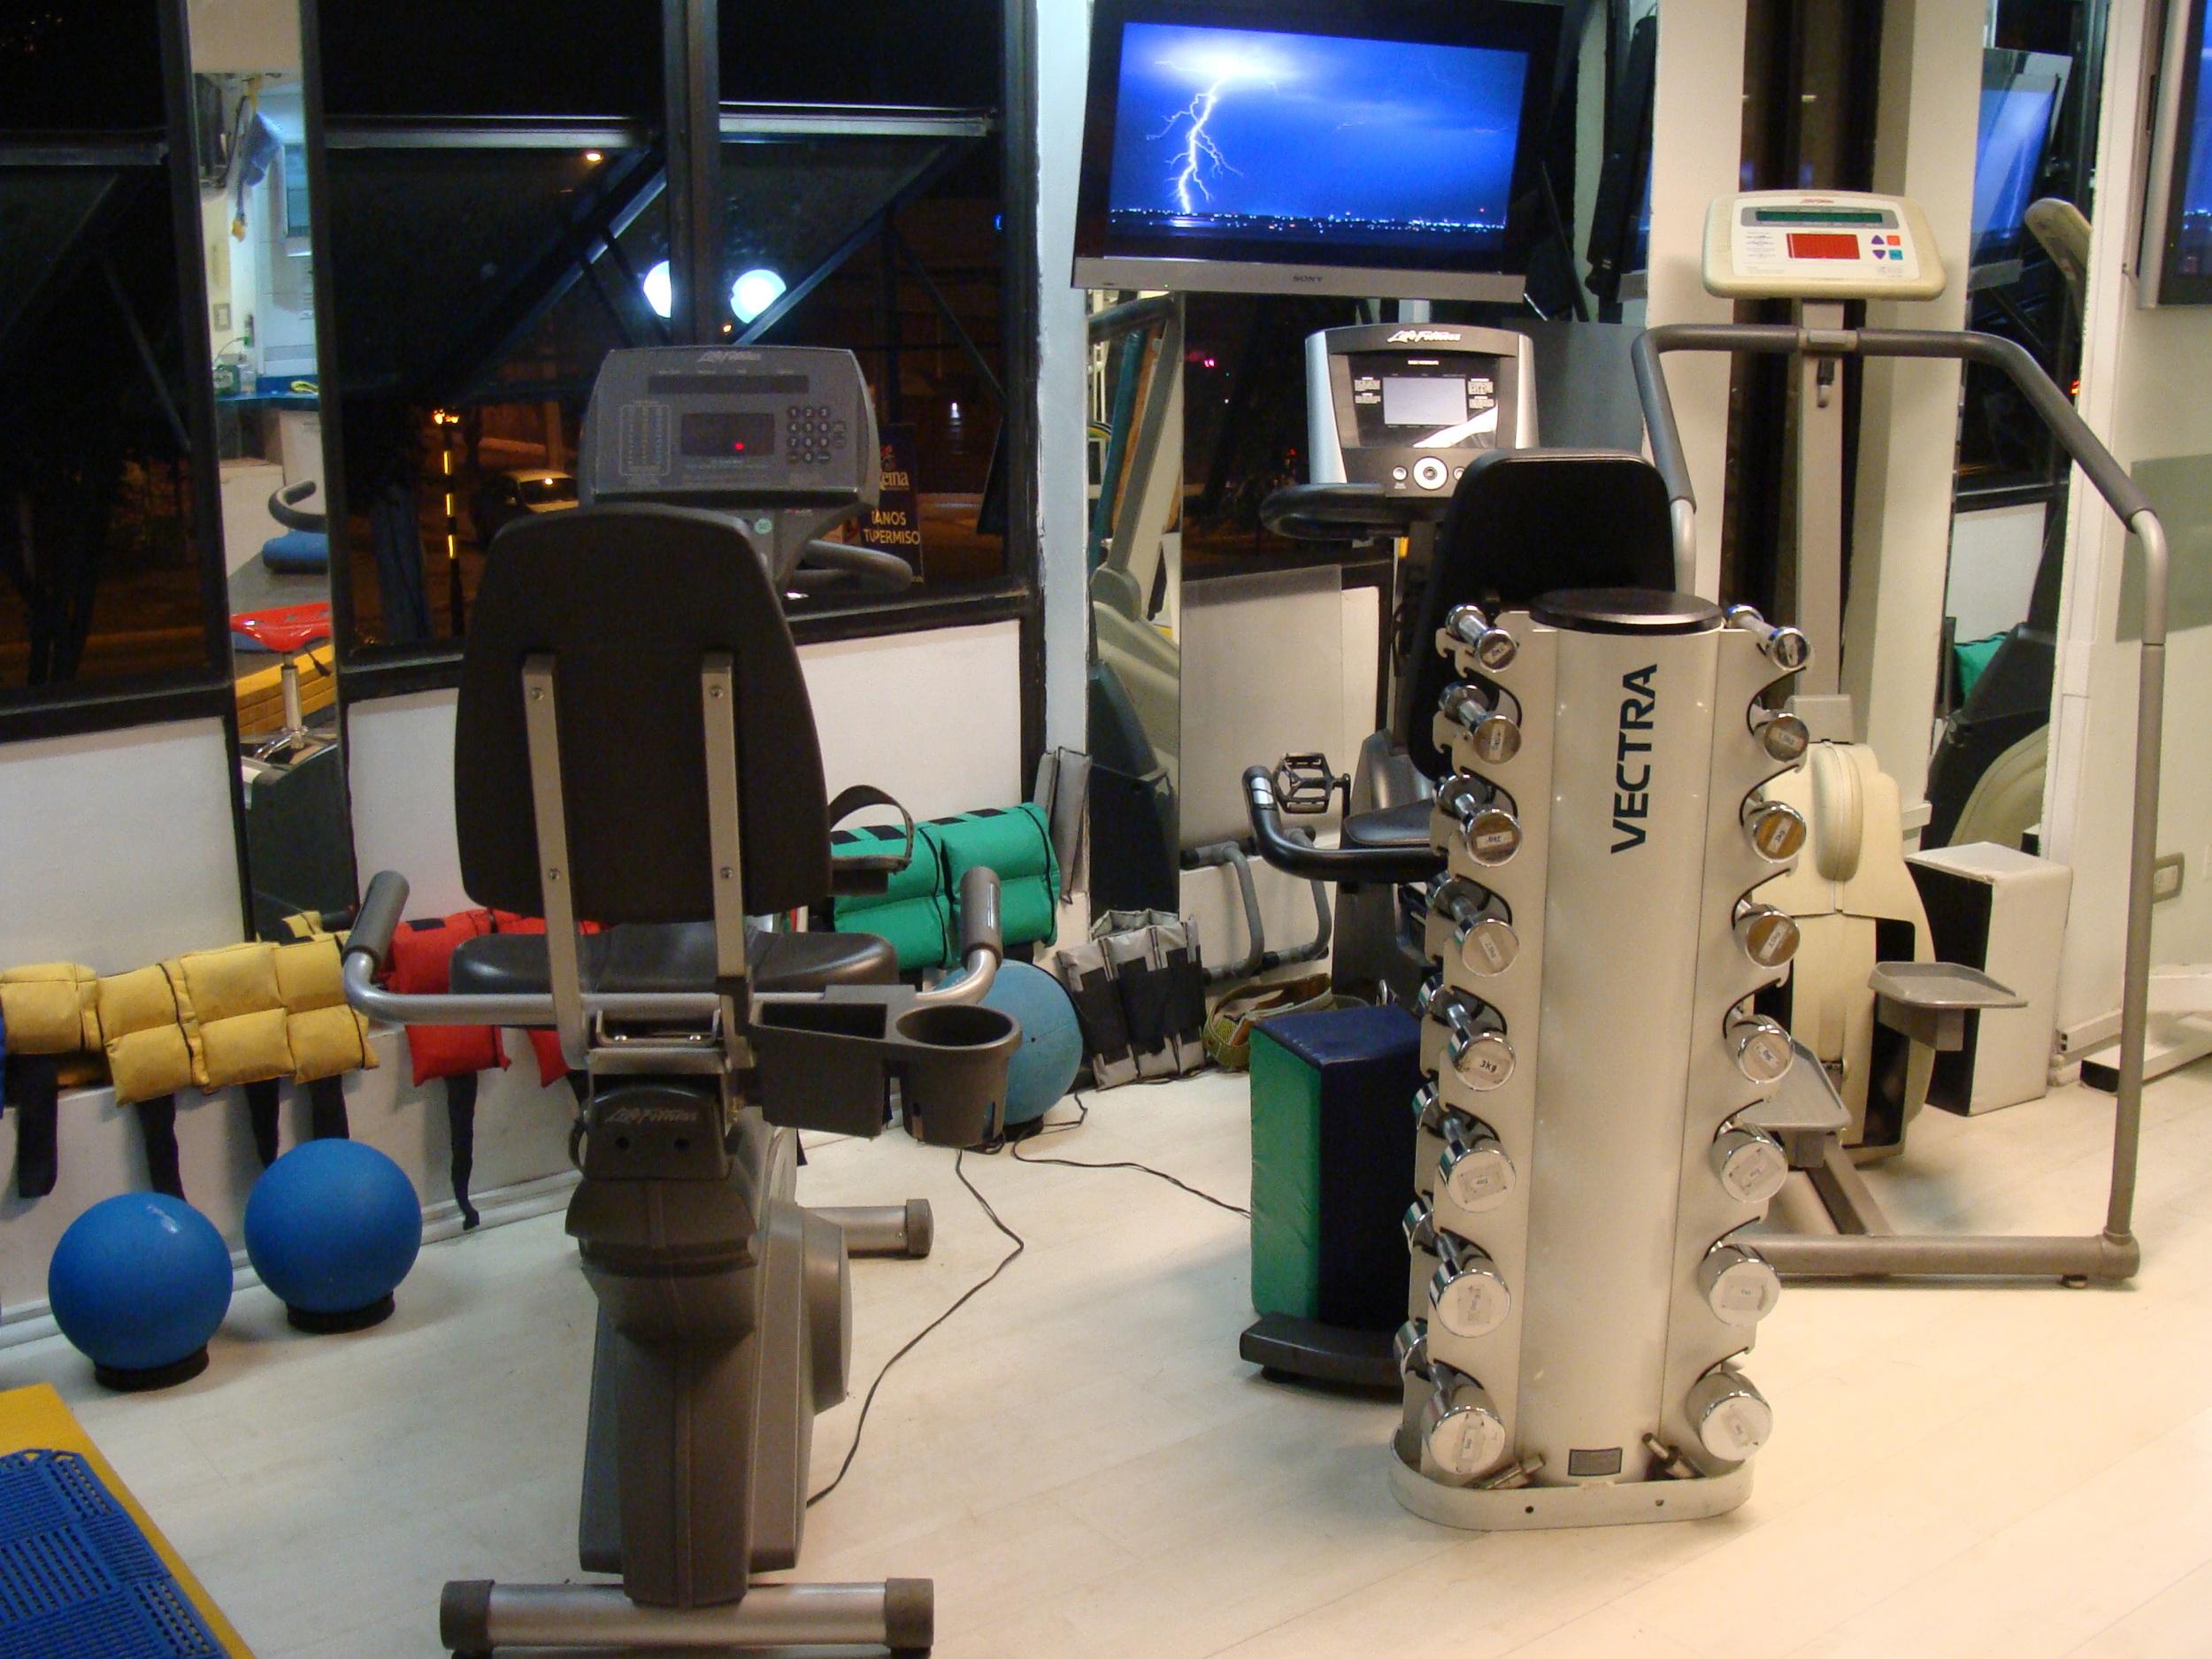 clinica de ejercicio kw maquinas.JPG